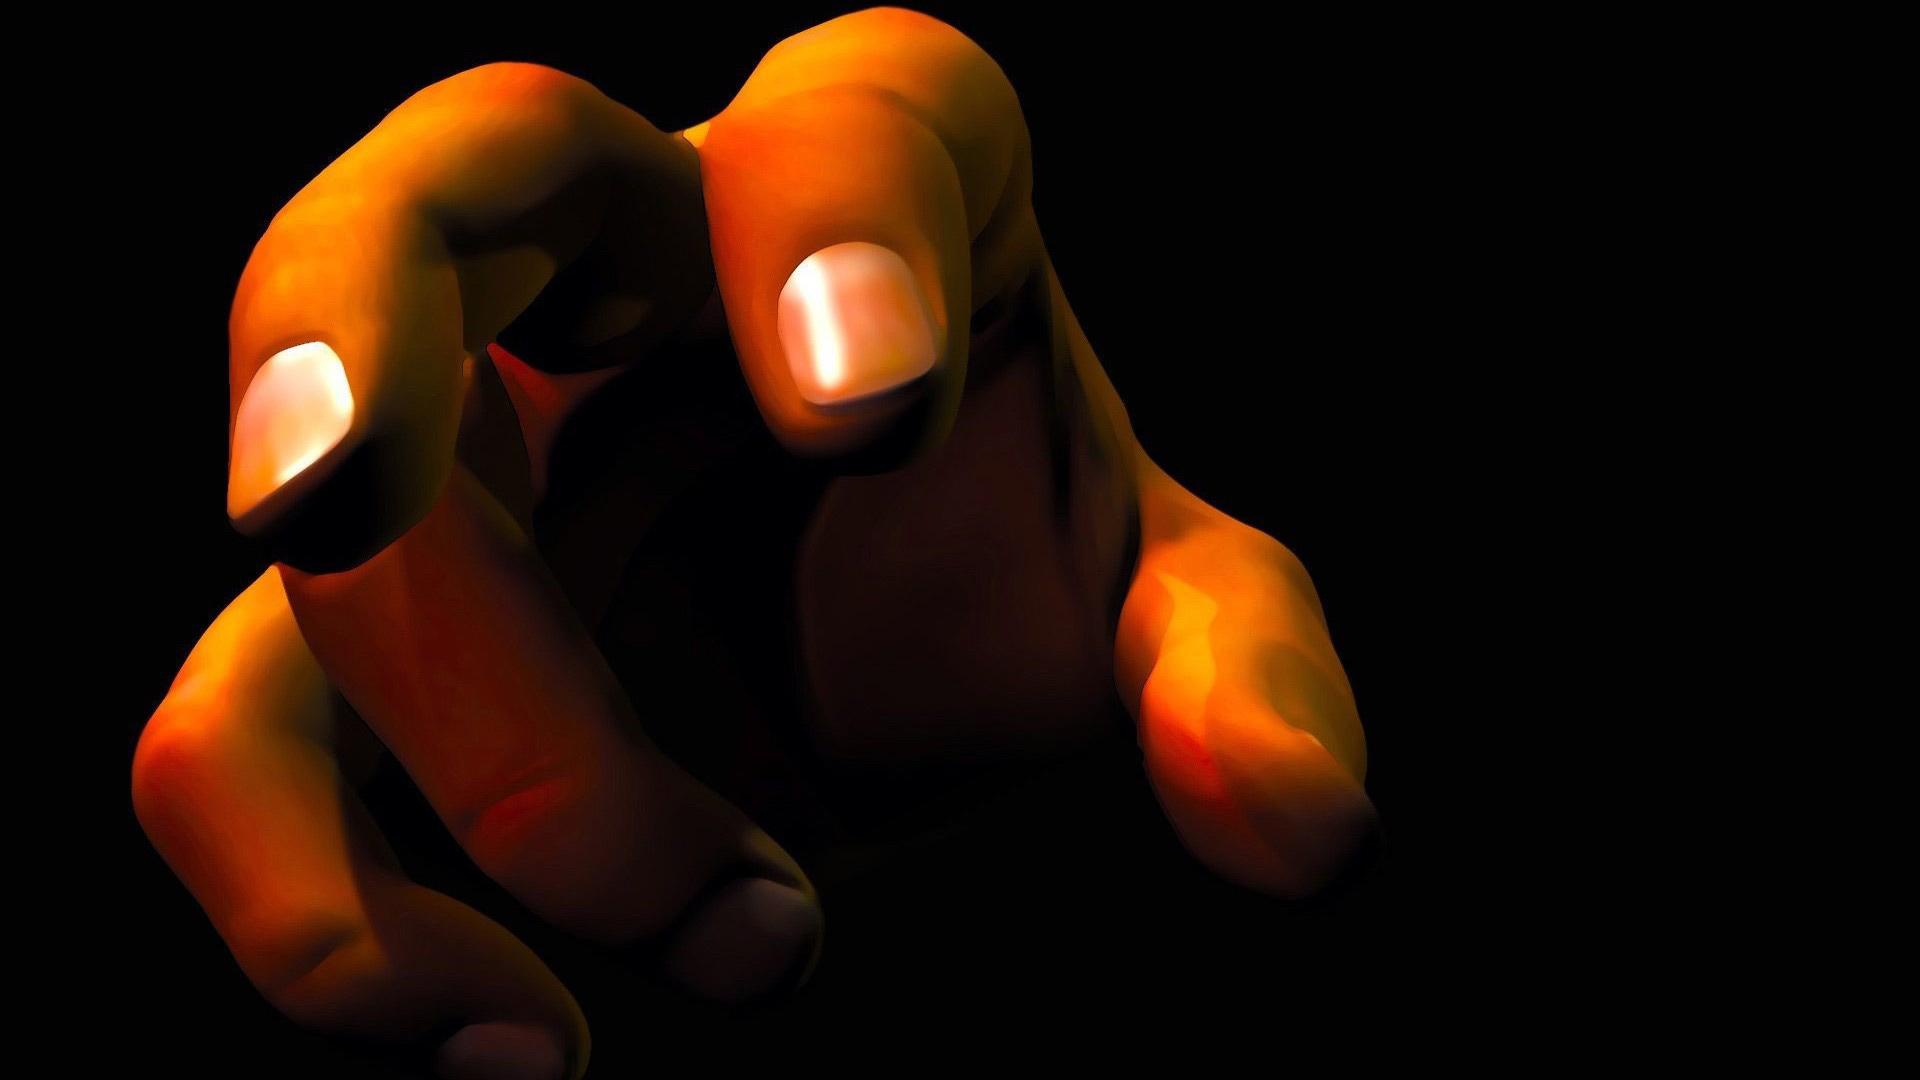 3d_Hand_Reaching.jpg